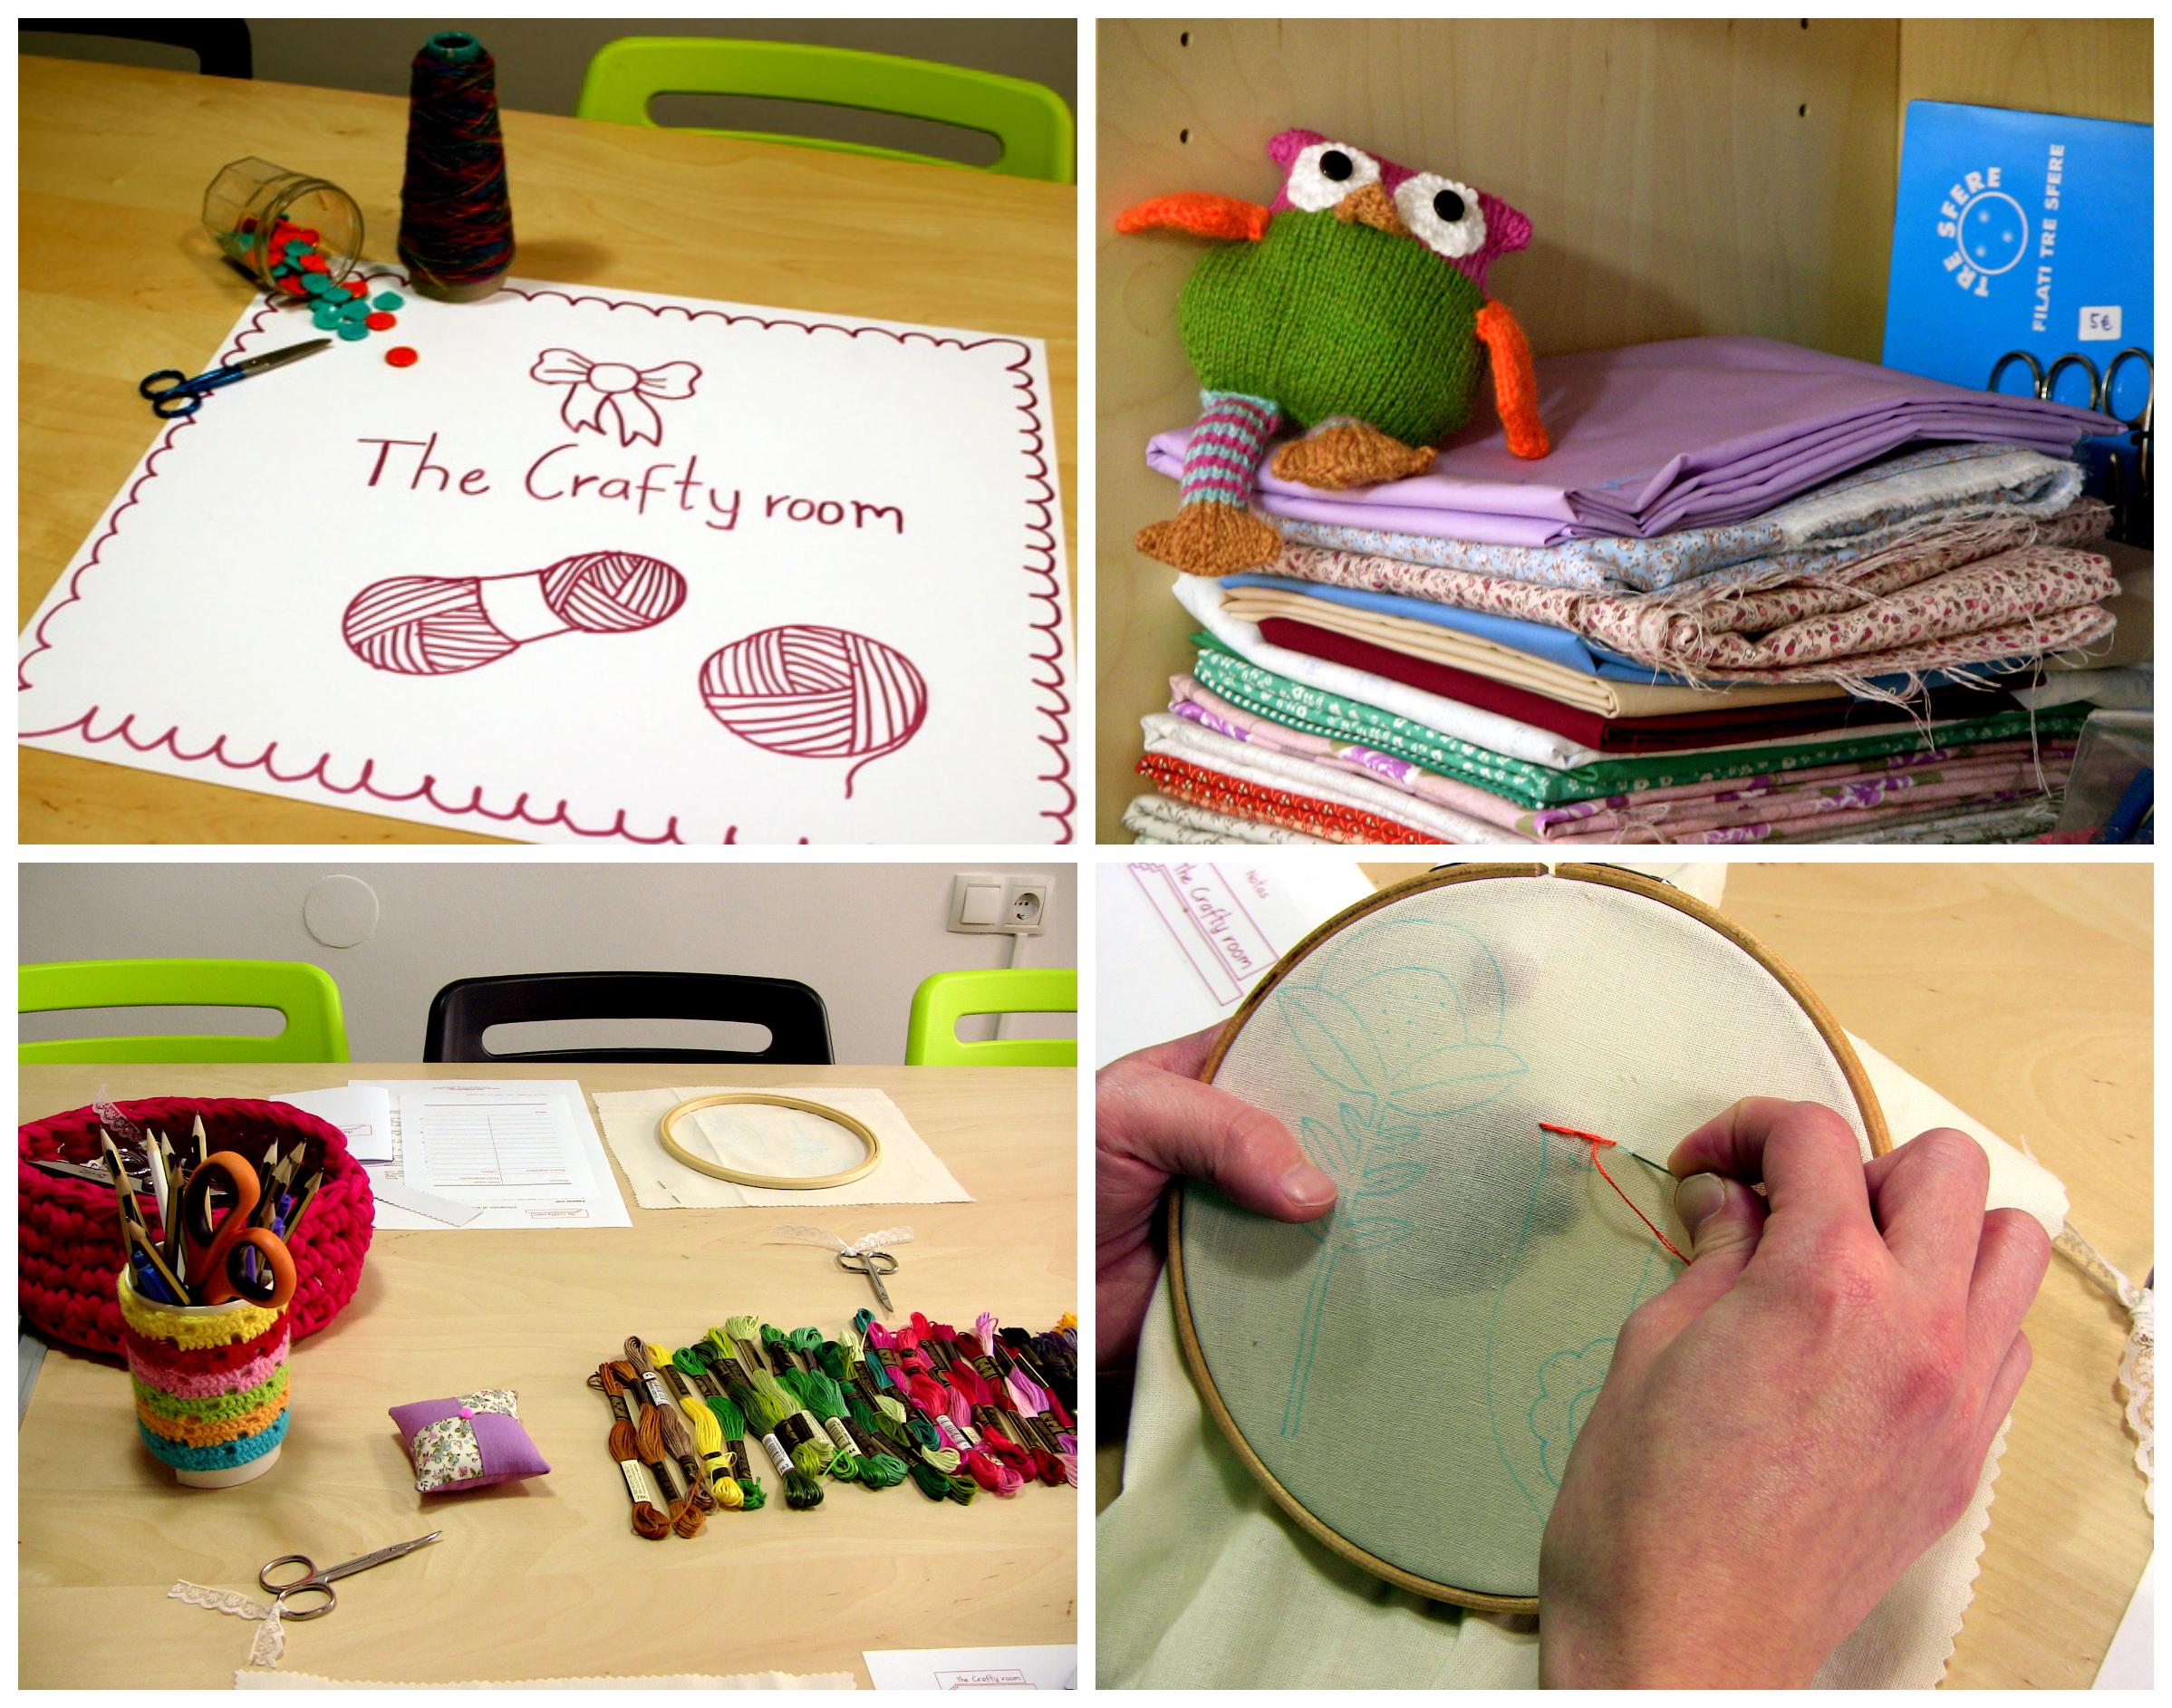 The+Crafty+Room+Valencia+creatividad